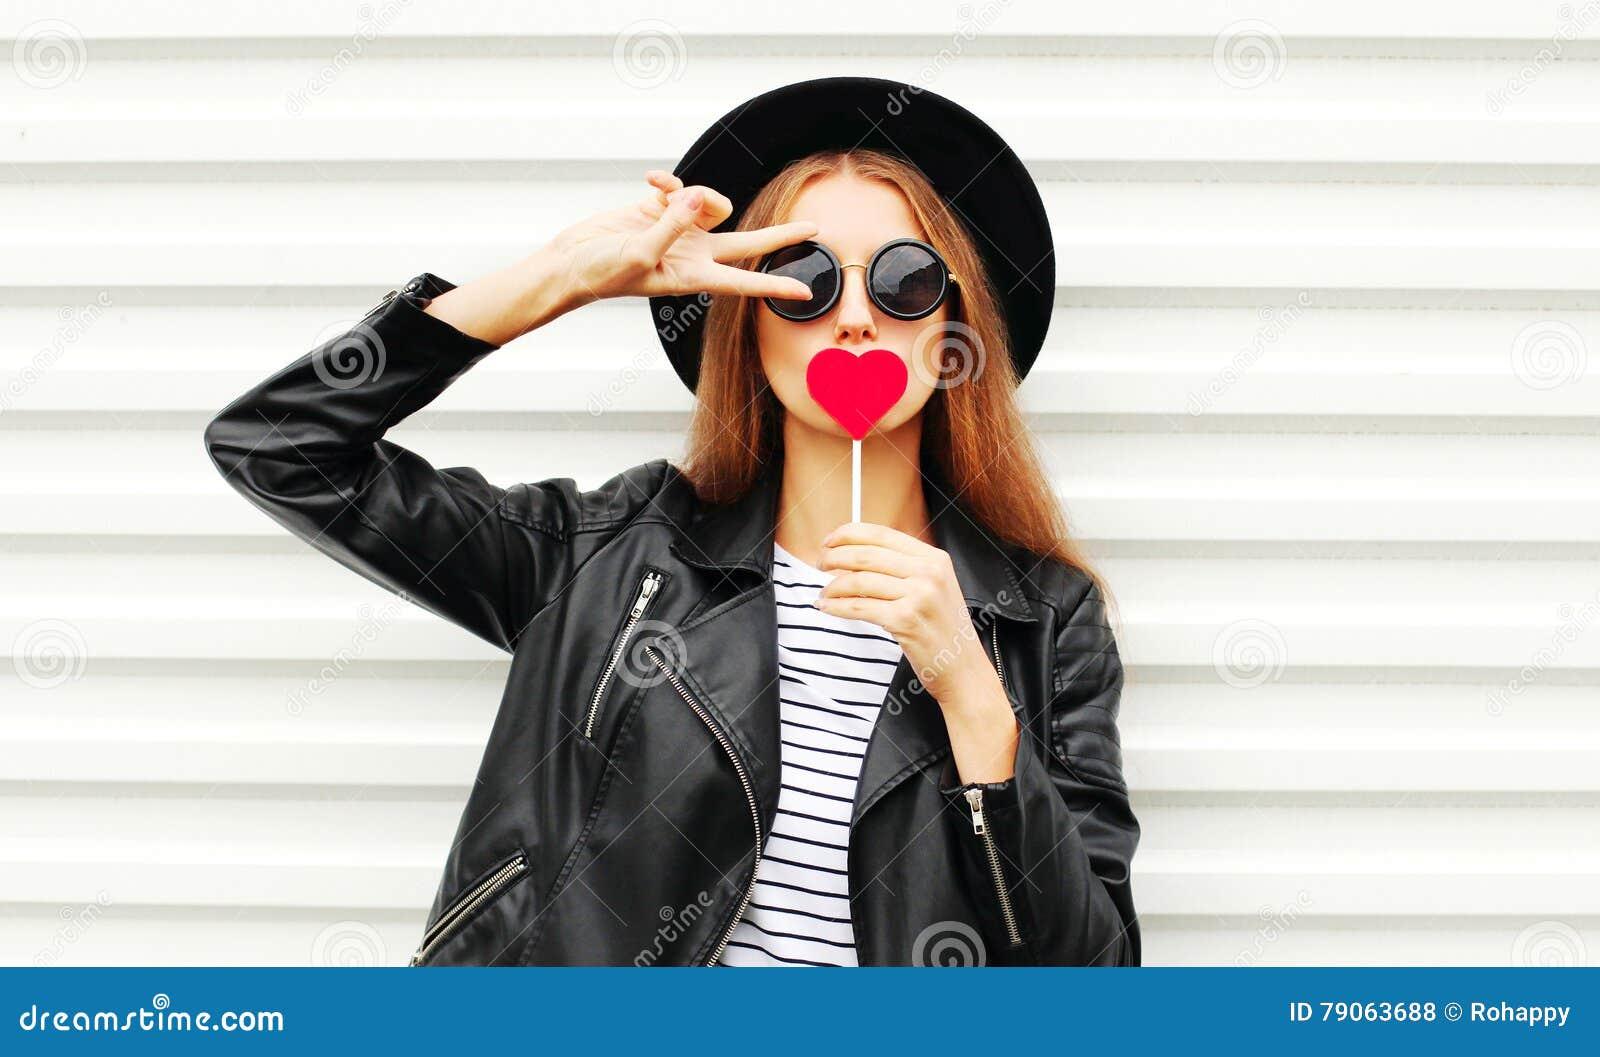 Koel jong meisje met rood lollyhart die het leerjasje van de manier zwart hoed over witte stedelijk dragen